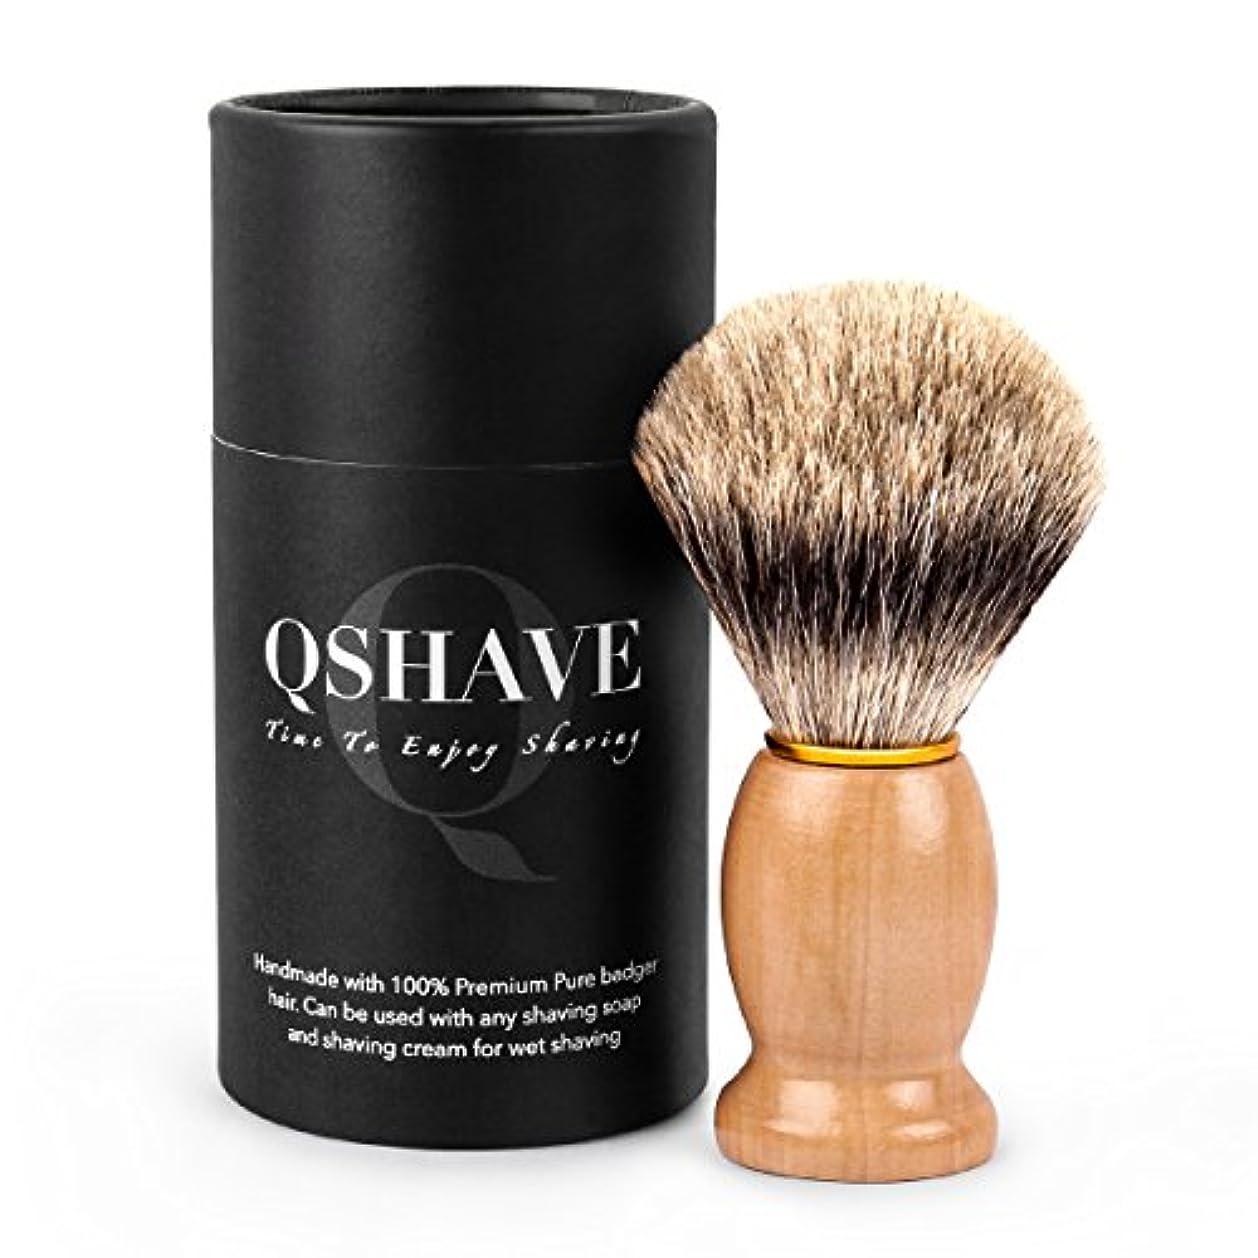 ジム器具合金QSHAVE 100%最高級アナグマ毛オリジナルハンドメイドシェービングブラシ。木製ベース。ウェットシェービング、安全カミソリ、両刃カミソリに最適